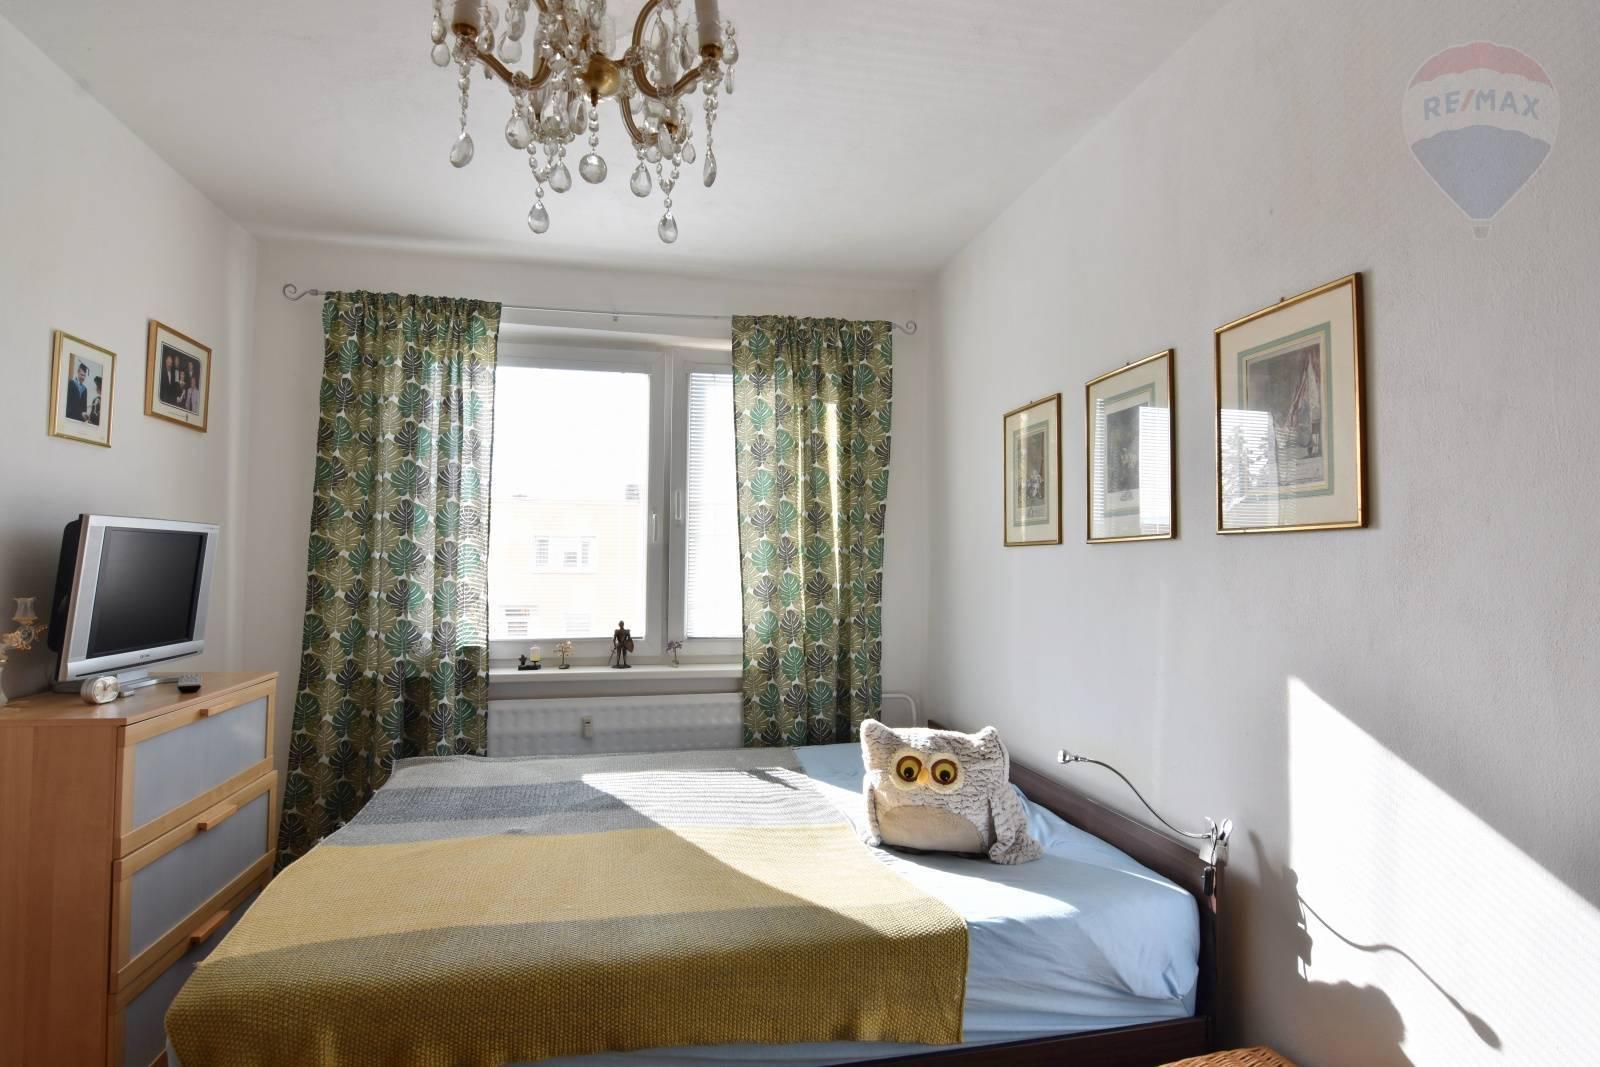 4-izbový byt 84m2 Zapotôčky I.Krasku Prievidza